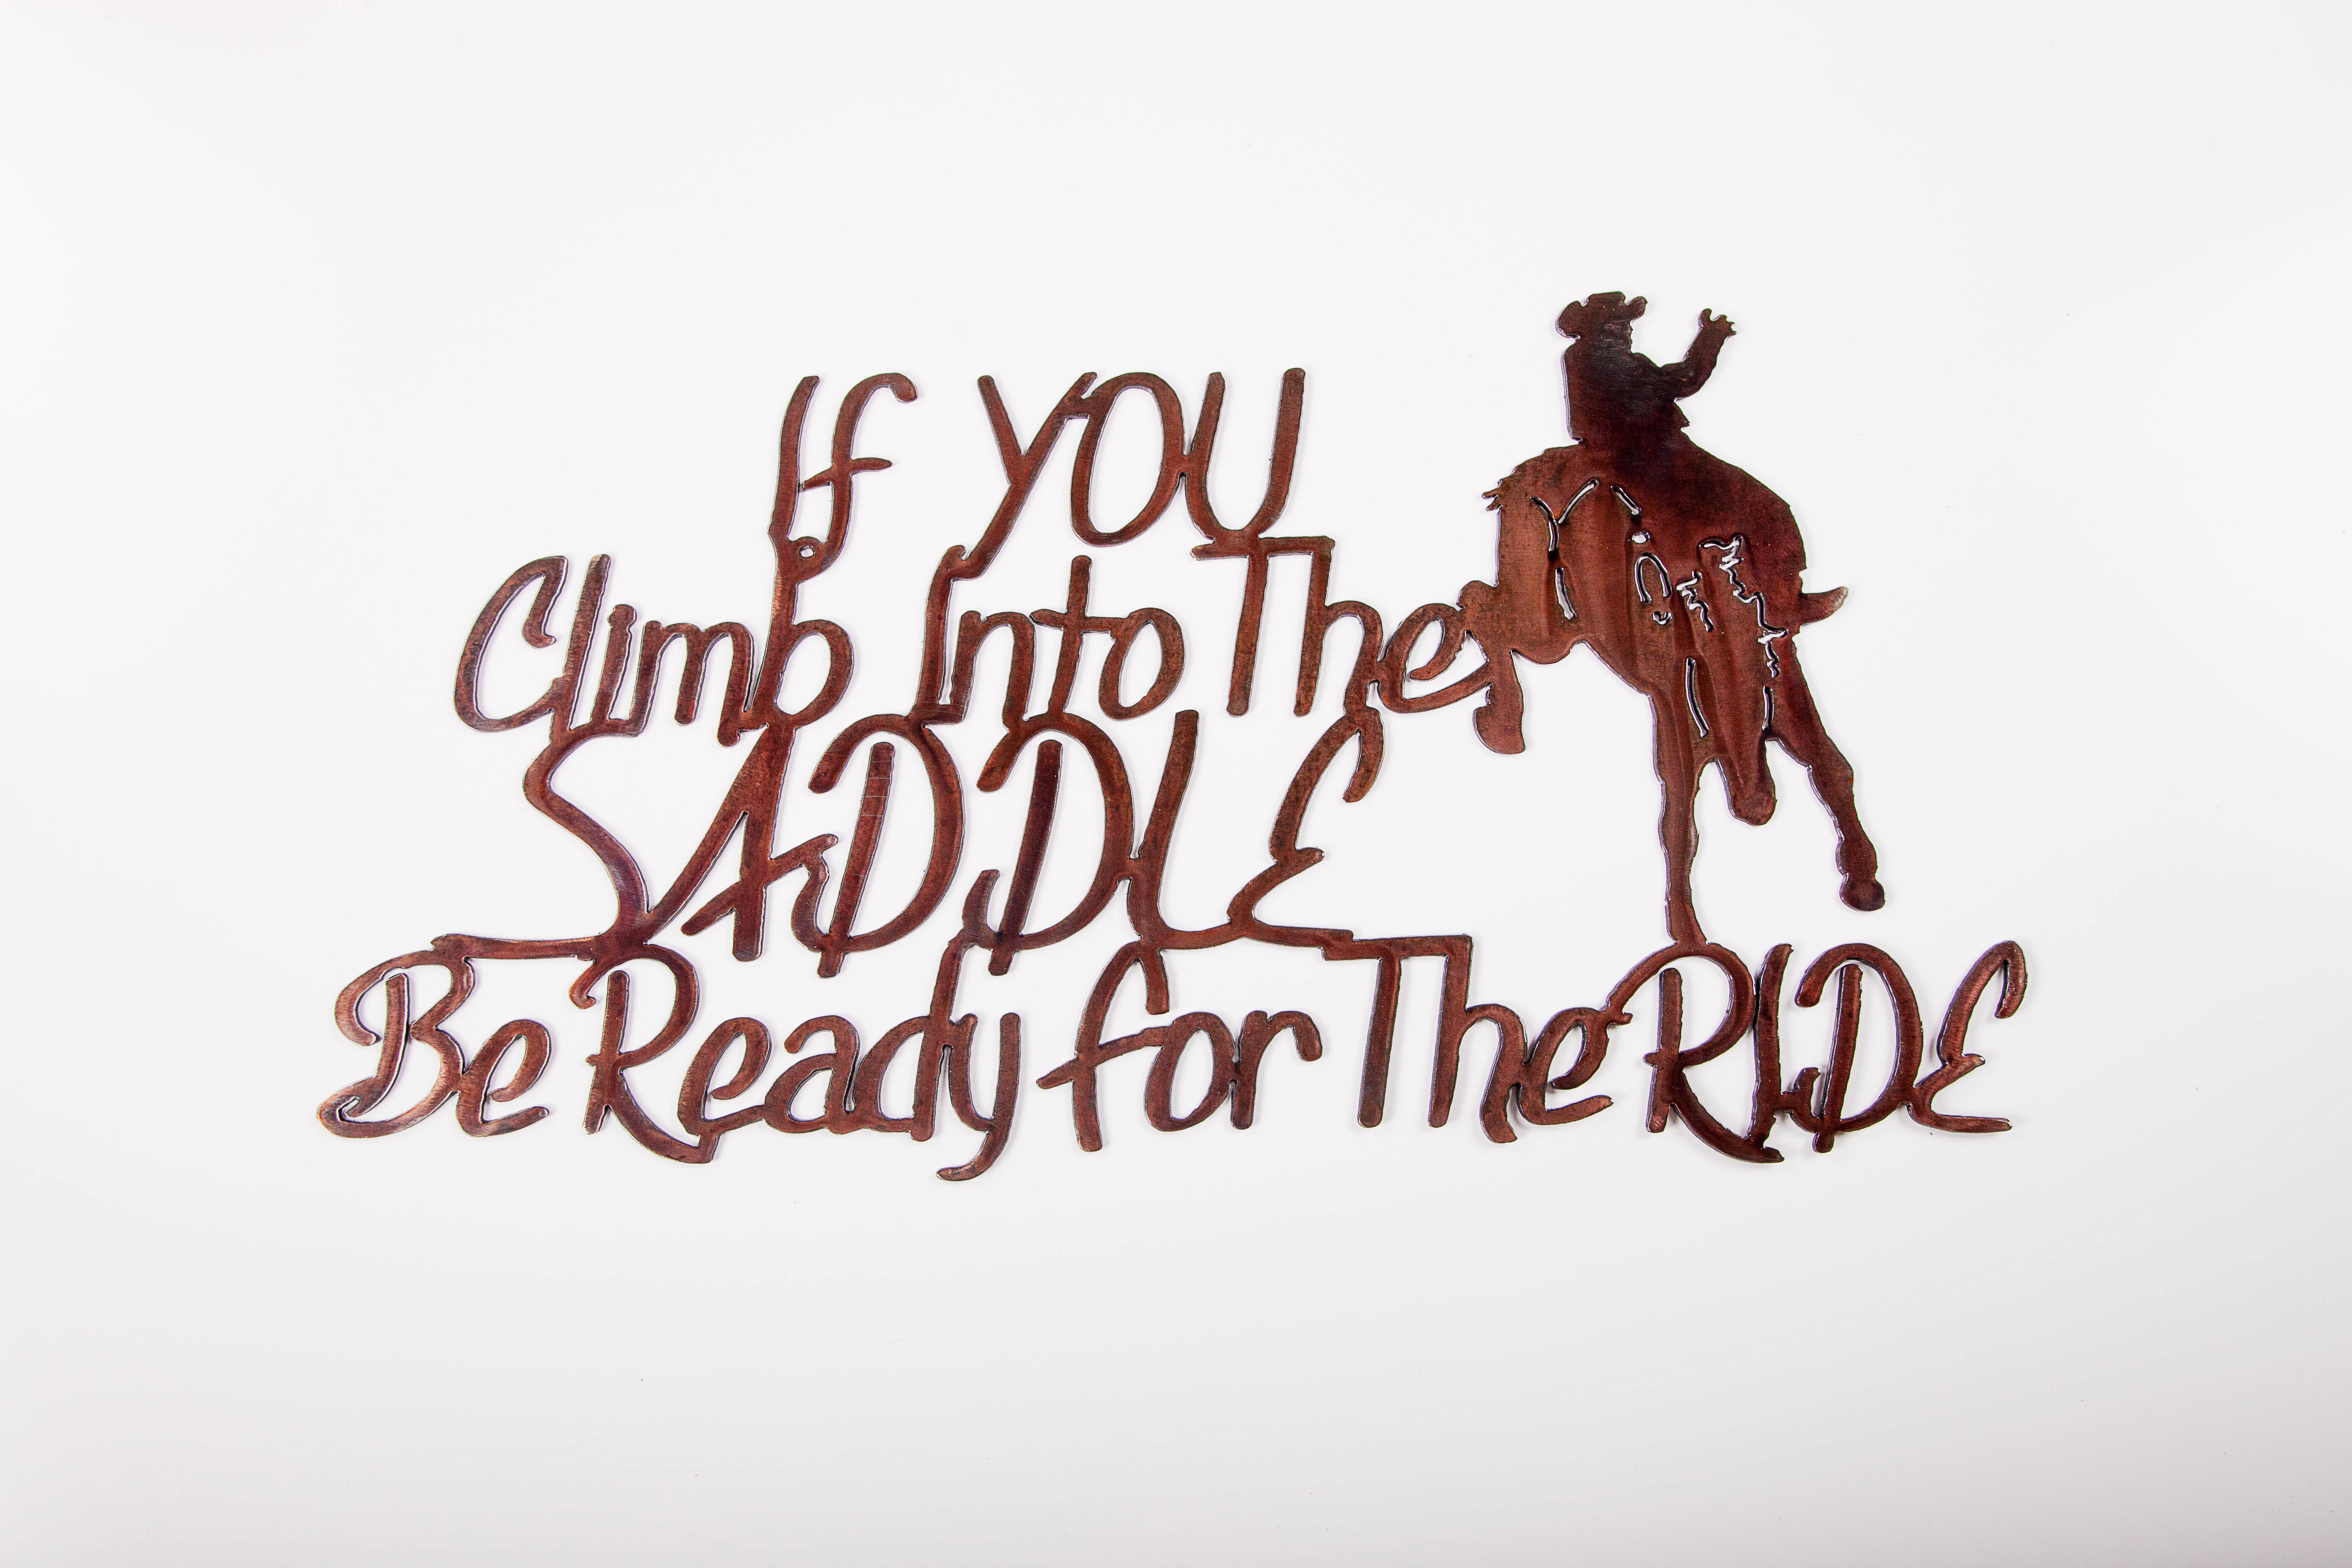 If you Climb into the Saddle